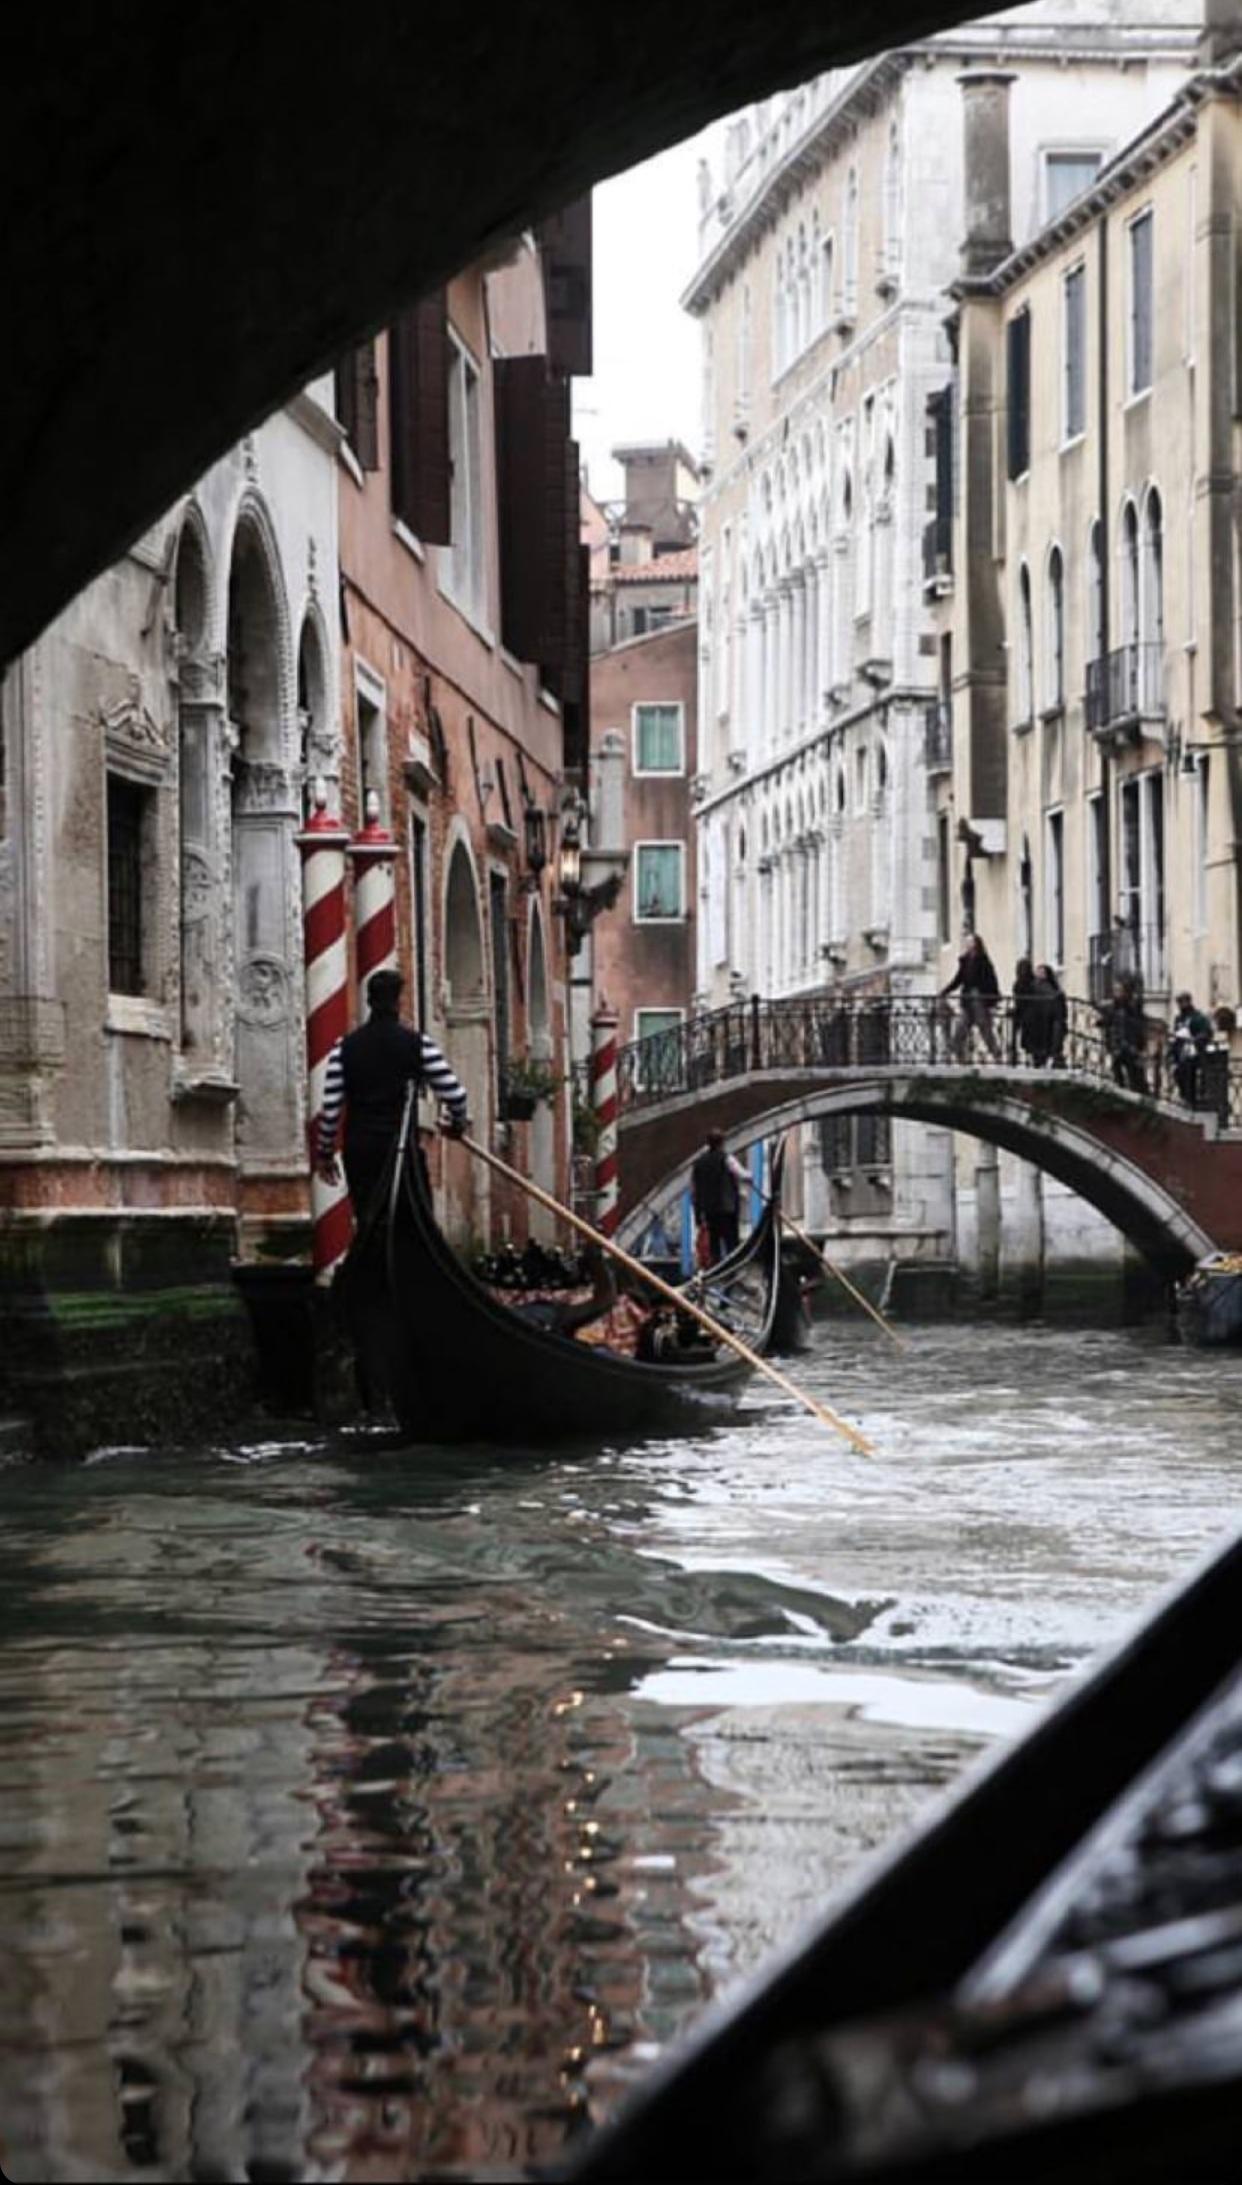 Venice by E J Maxwell